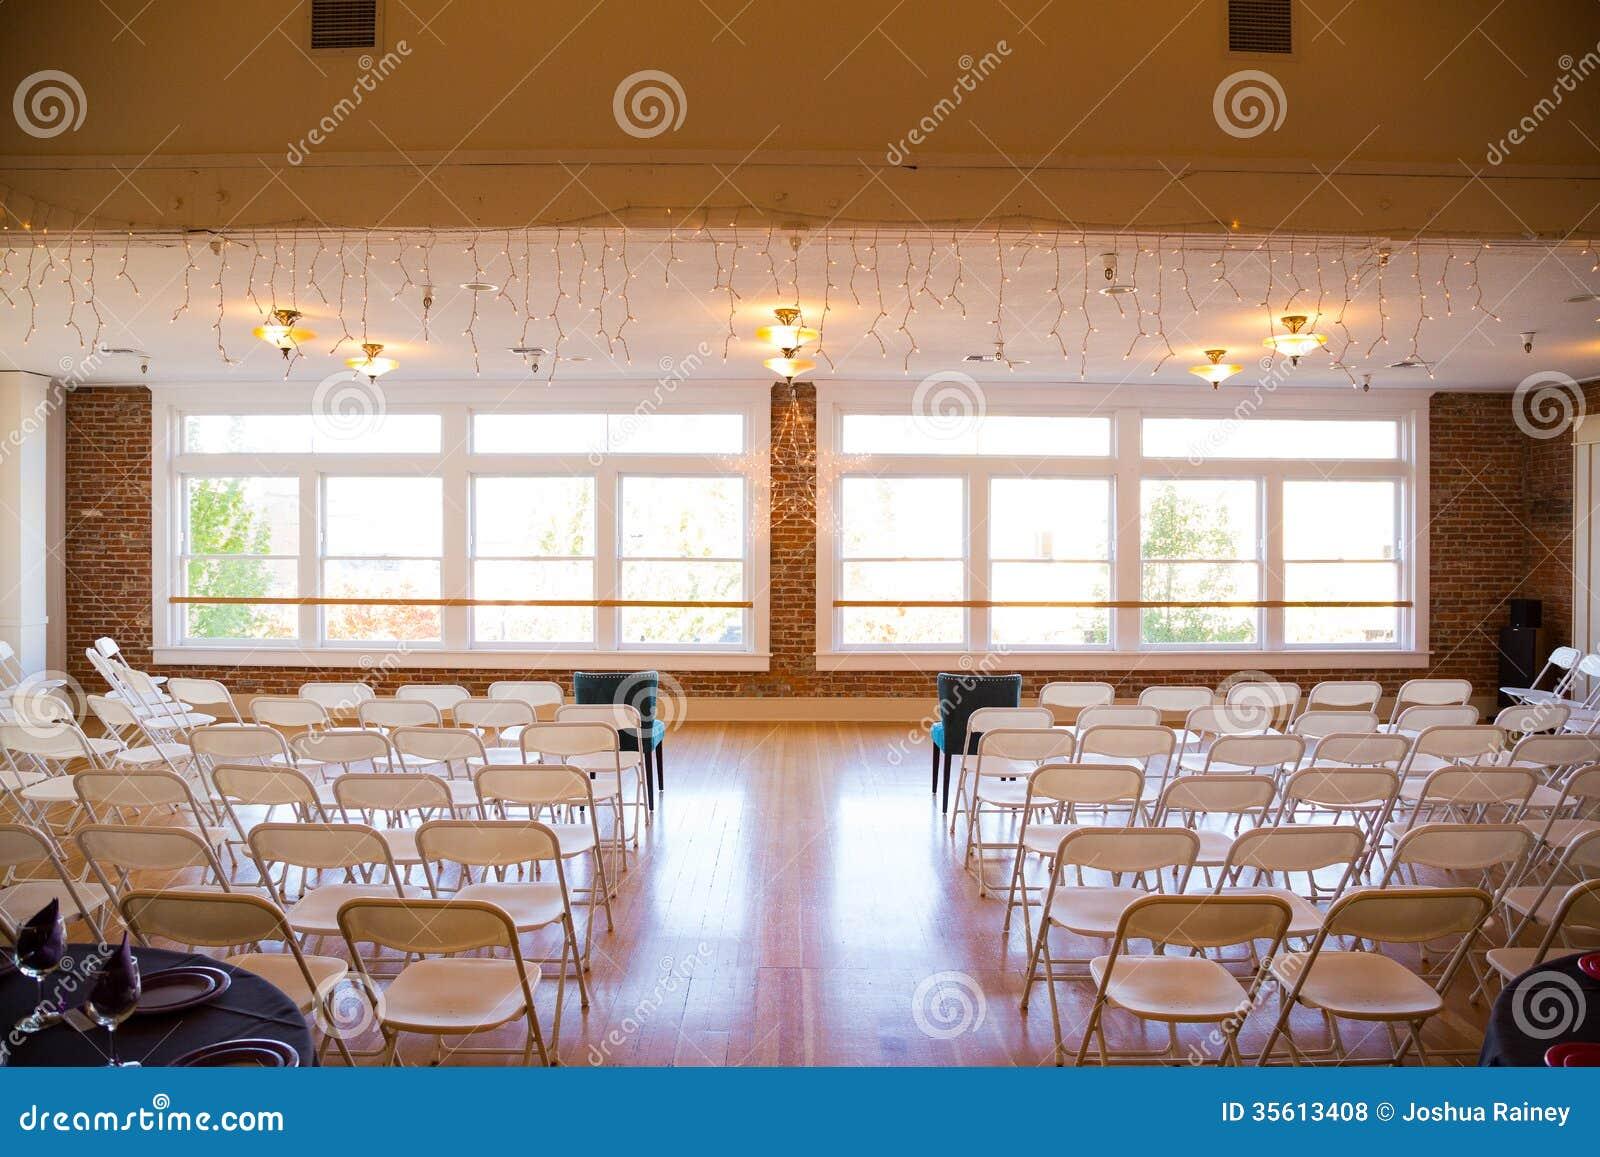 Indoor wedding venue royalty free stock photos image for Small indoor wedding venues